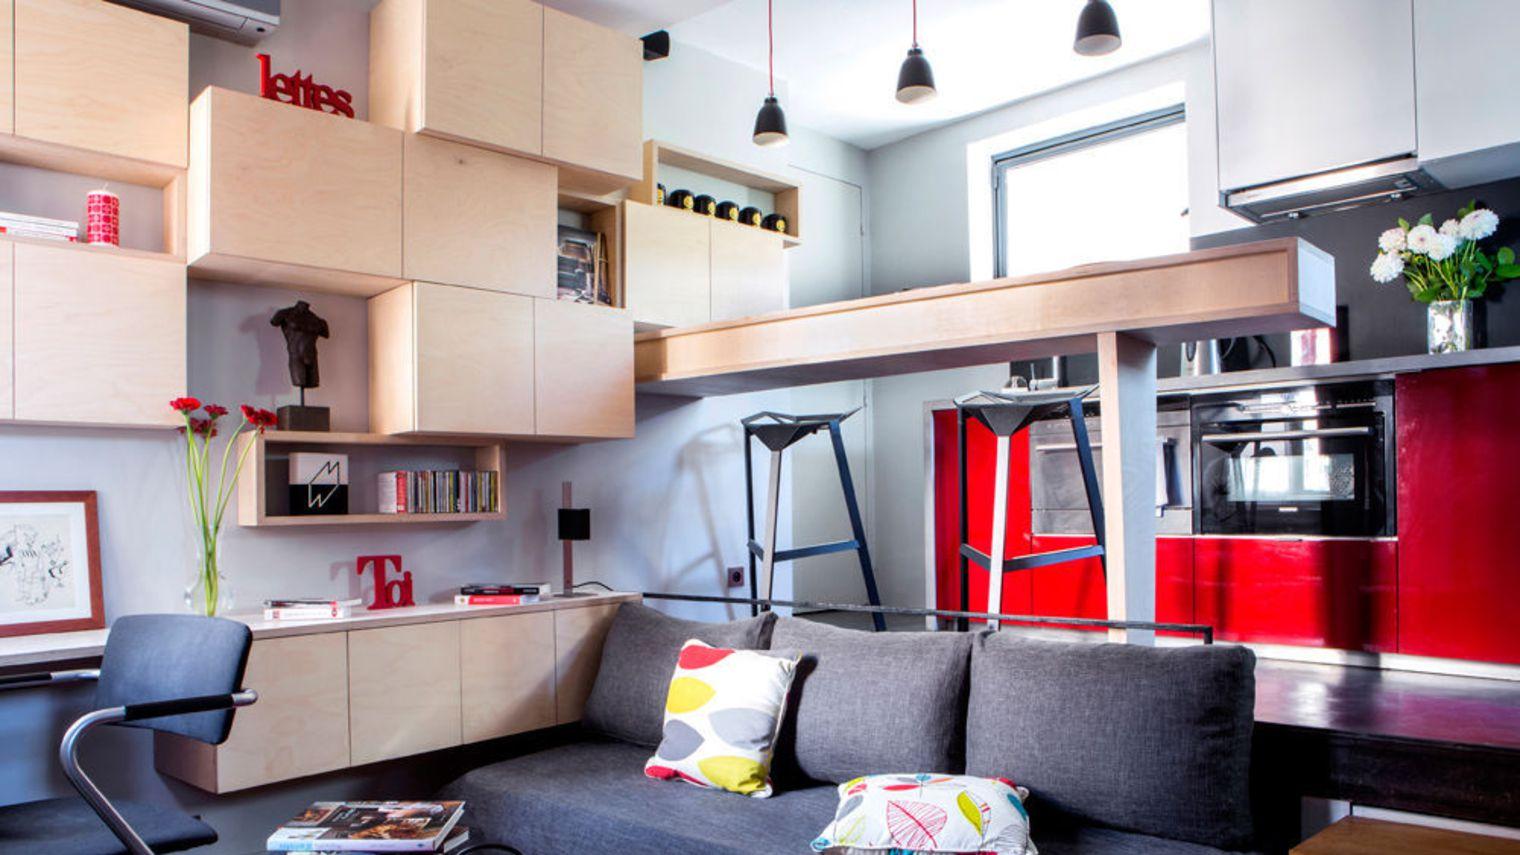 Location appartement particulier, où trouver ce que l'on recherche ?